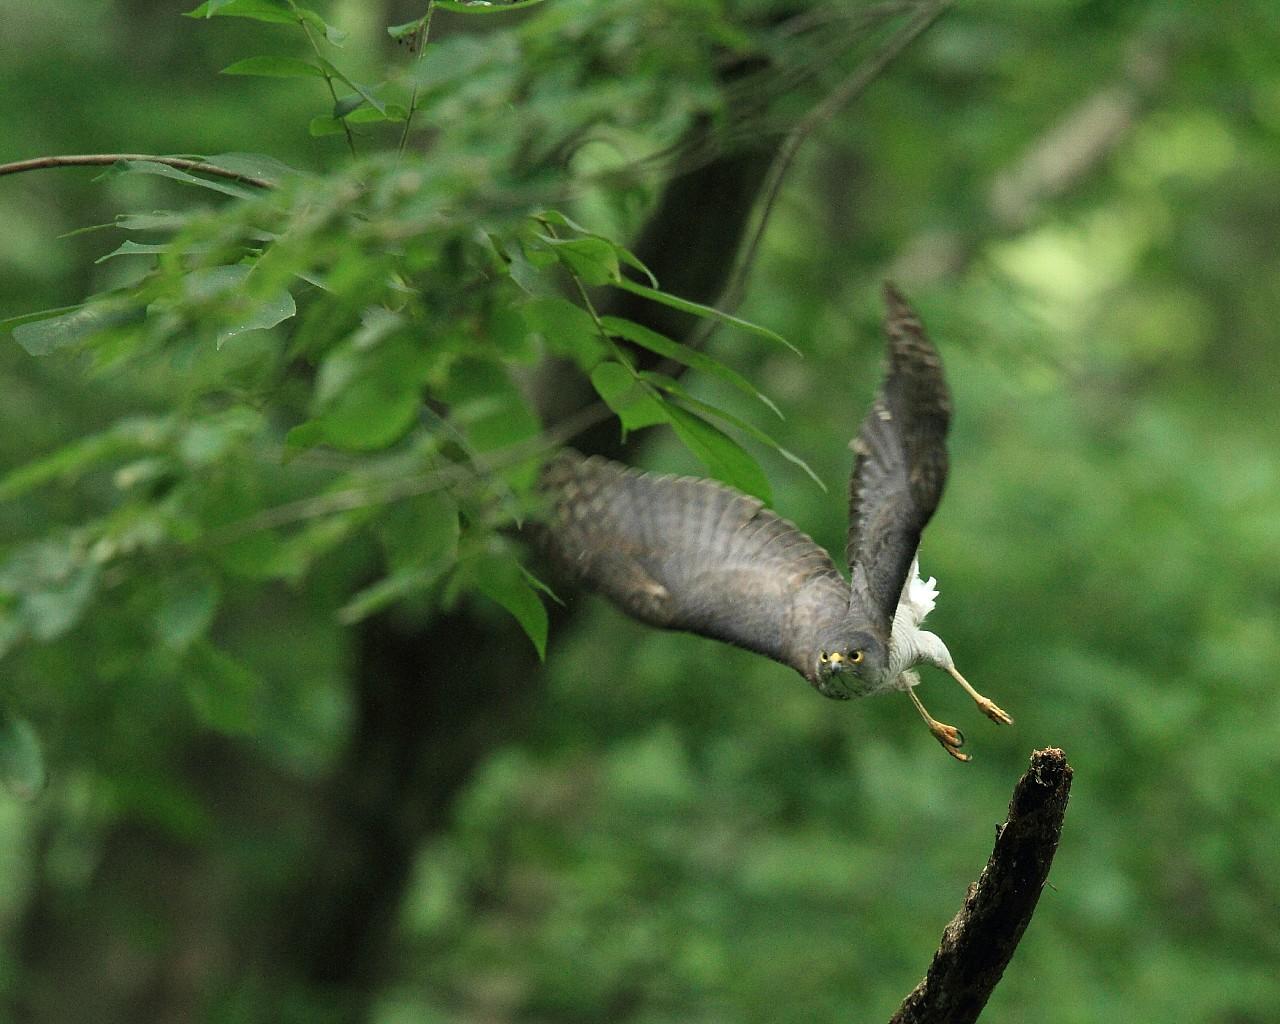 ツミお母さんの飛び出し(迫力ある猛禽の無料壁紙)_f0105570_10415320.jpg